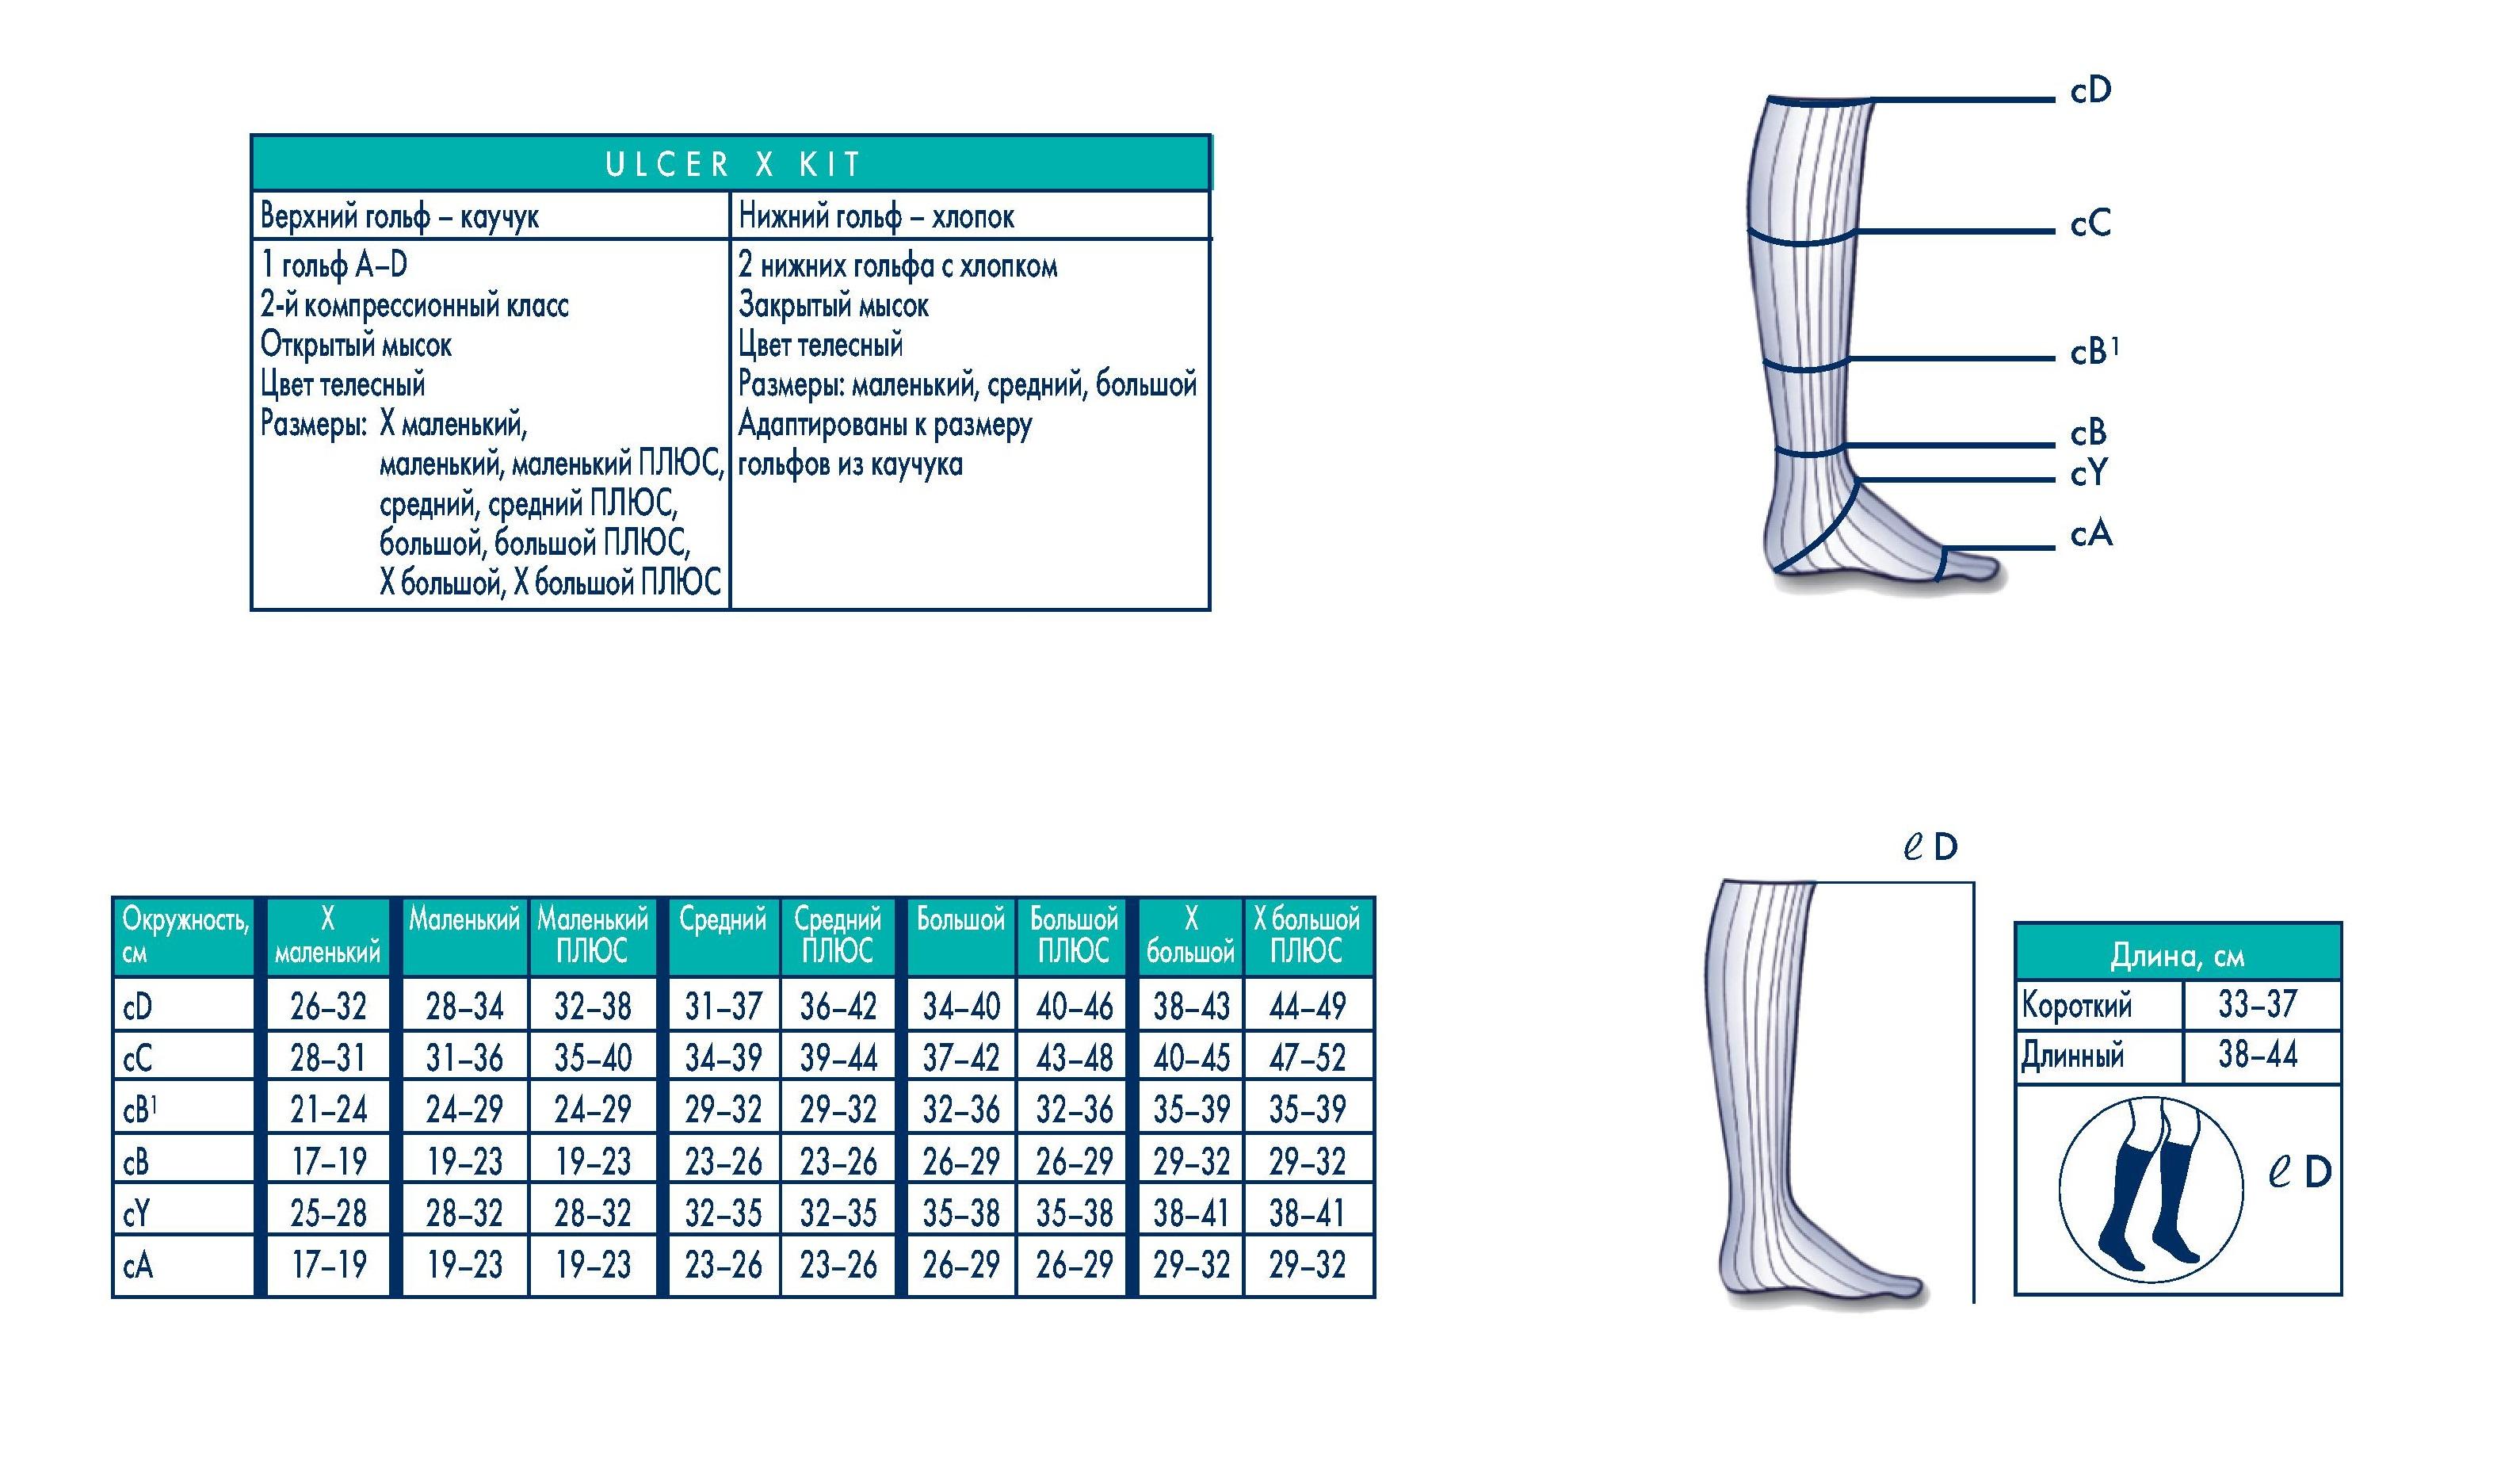 Схема подбора размера изделий Ulcer